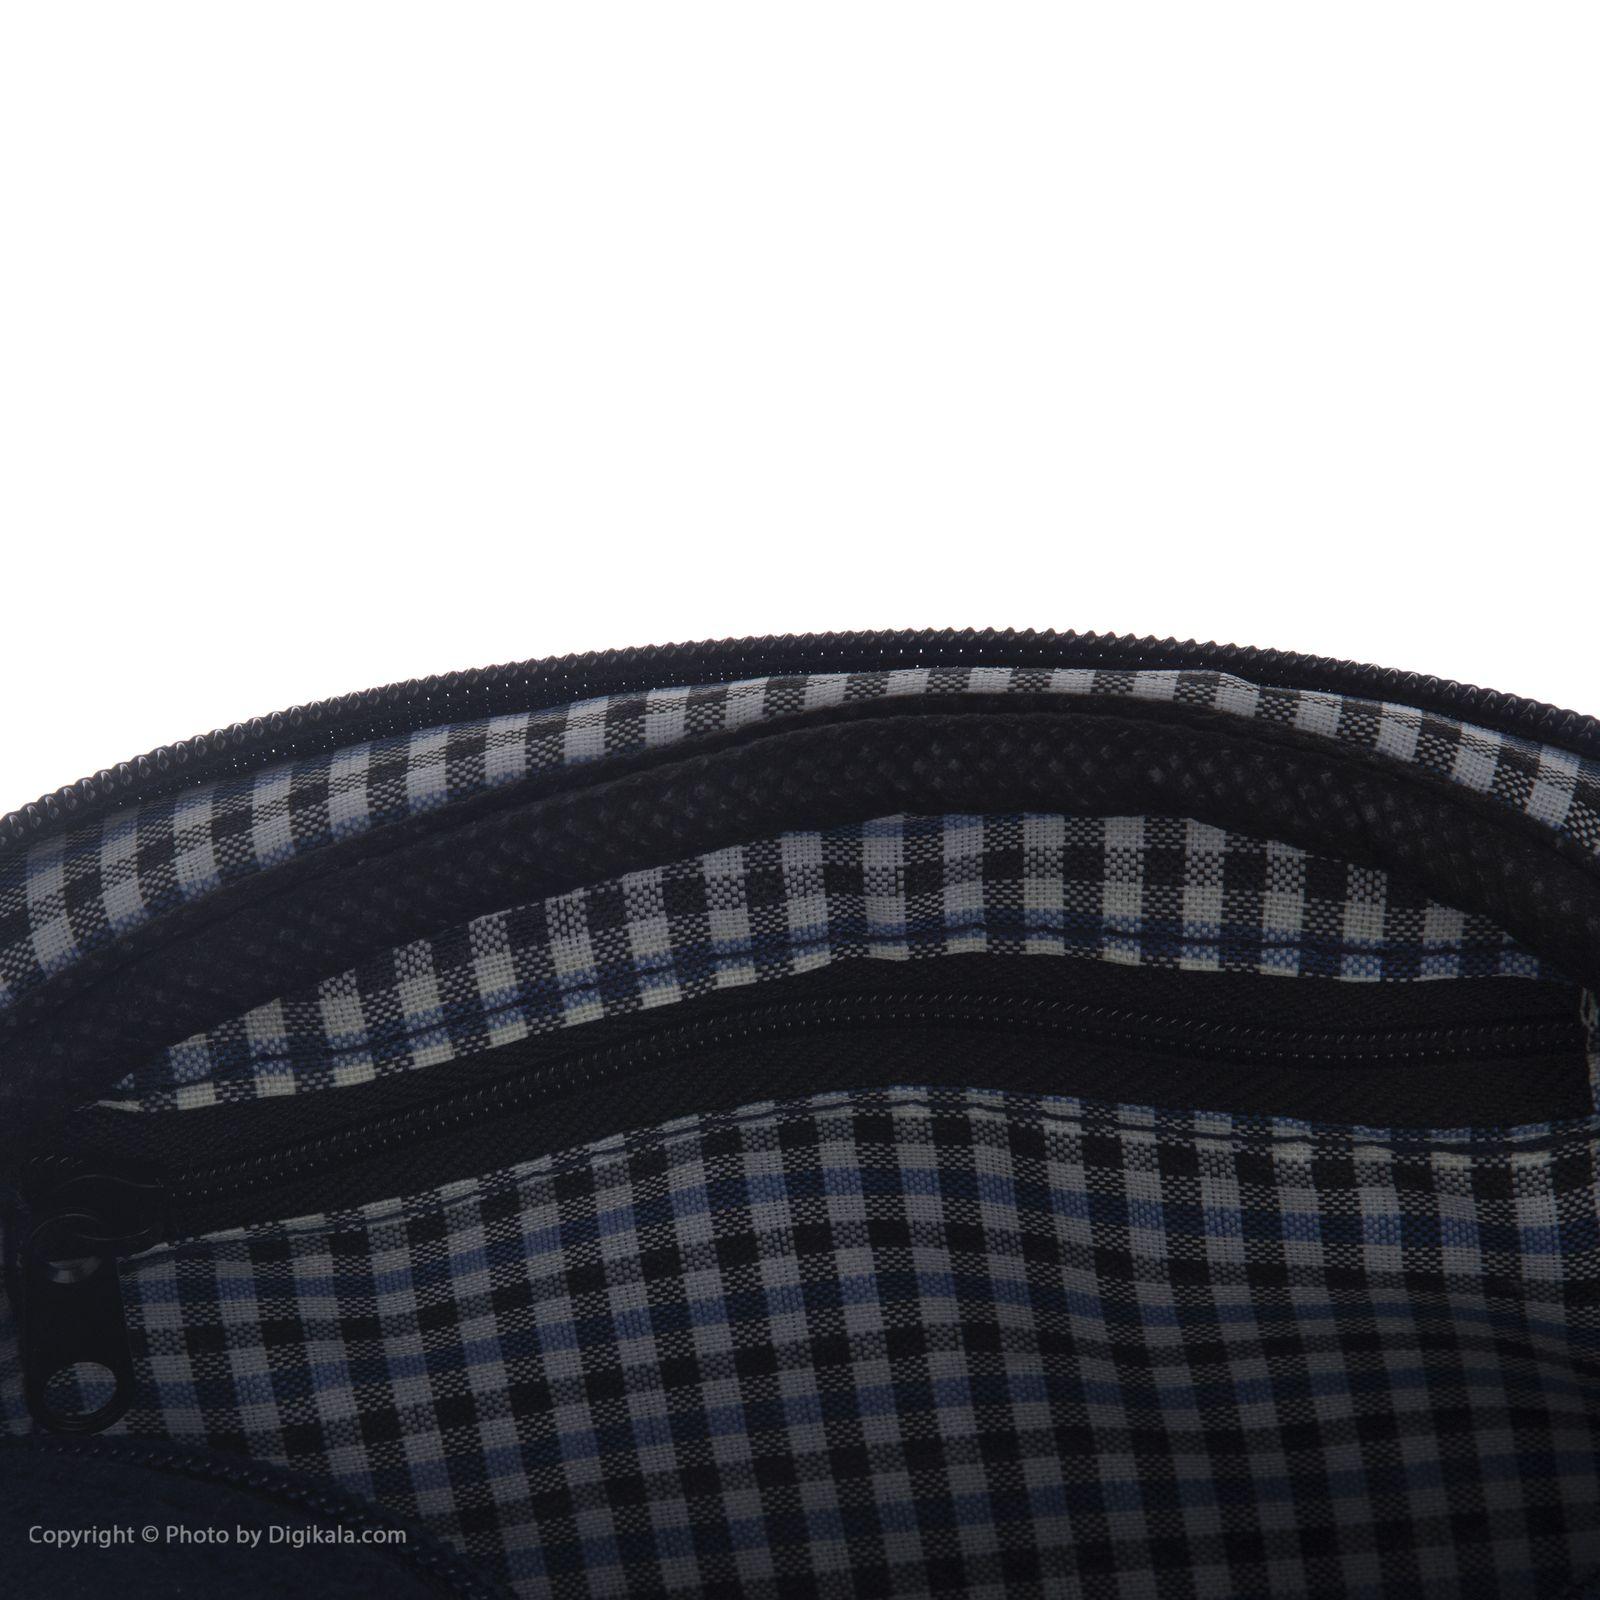 کیف رودوشی زنانه میو مدل MBSK124 -  - 4